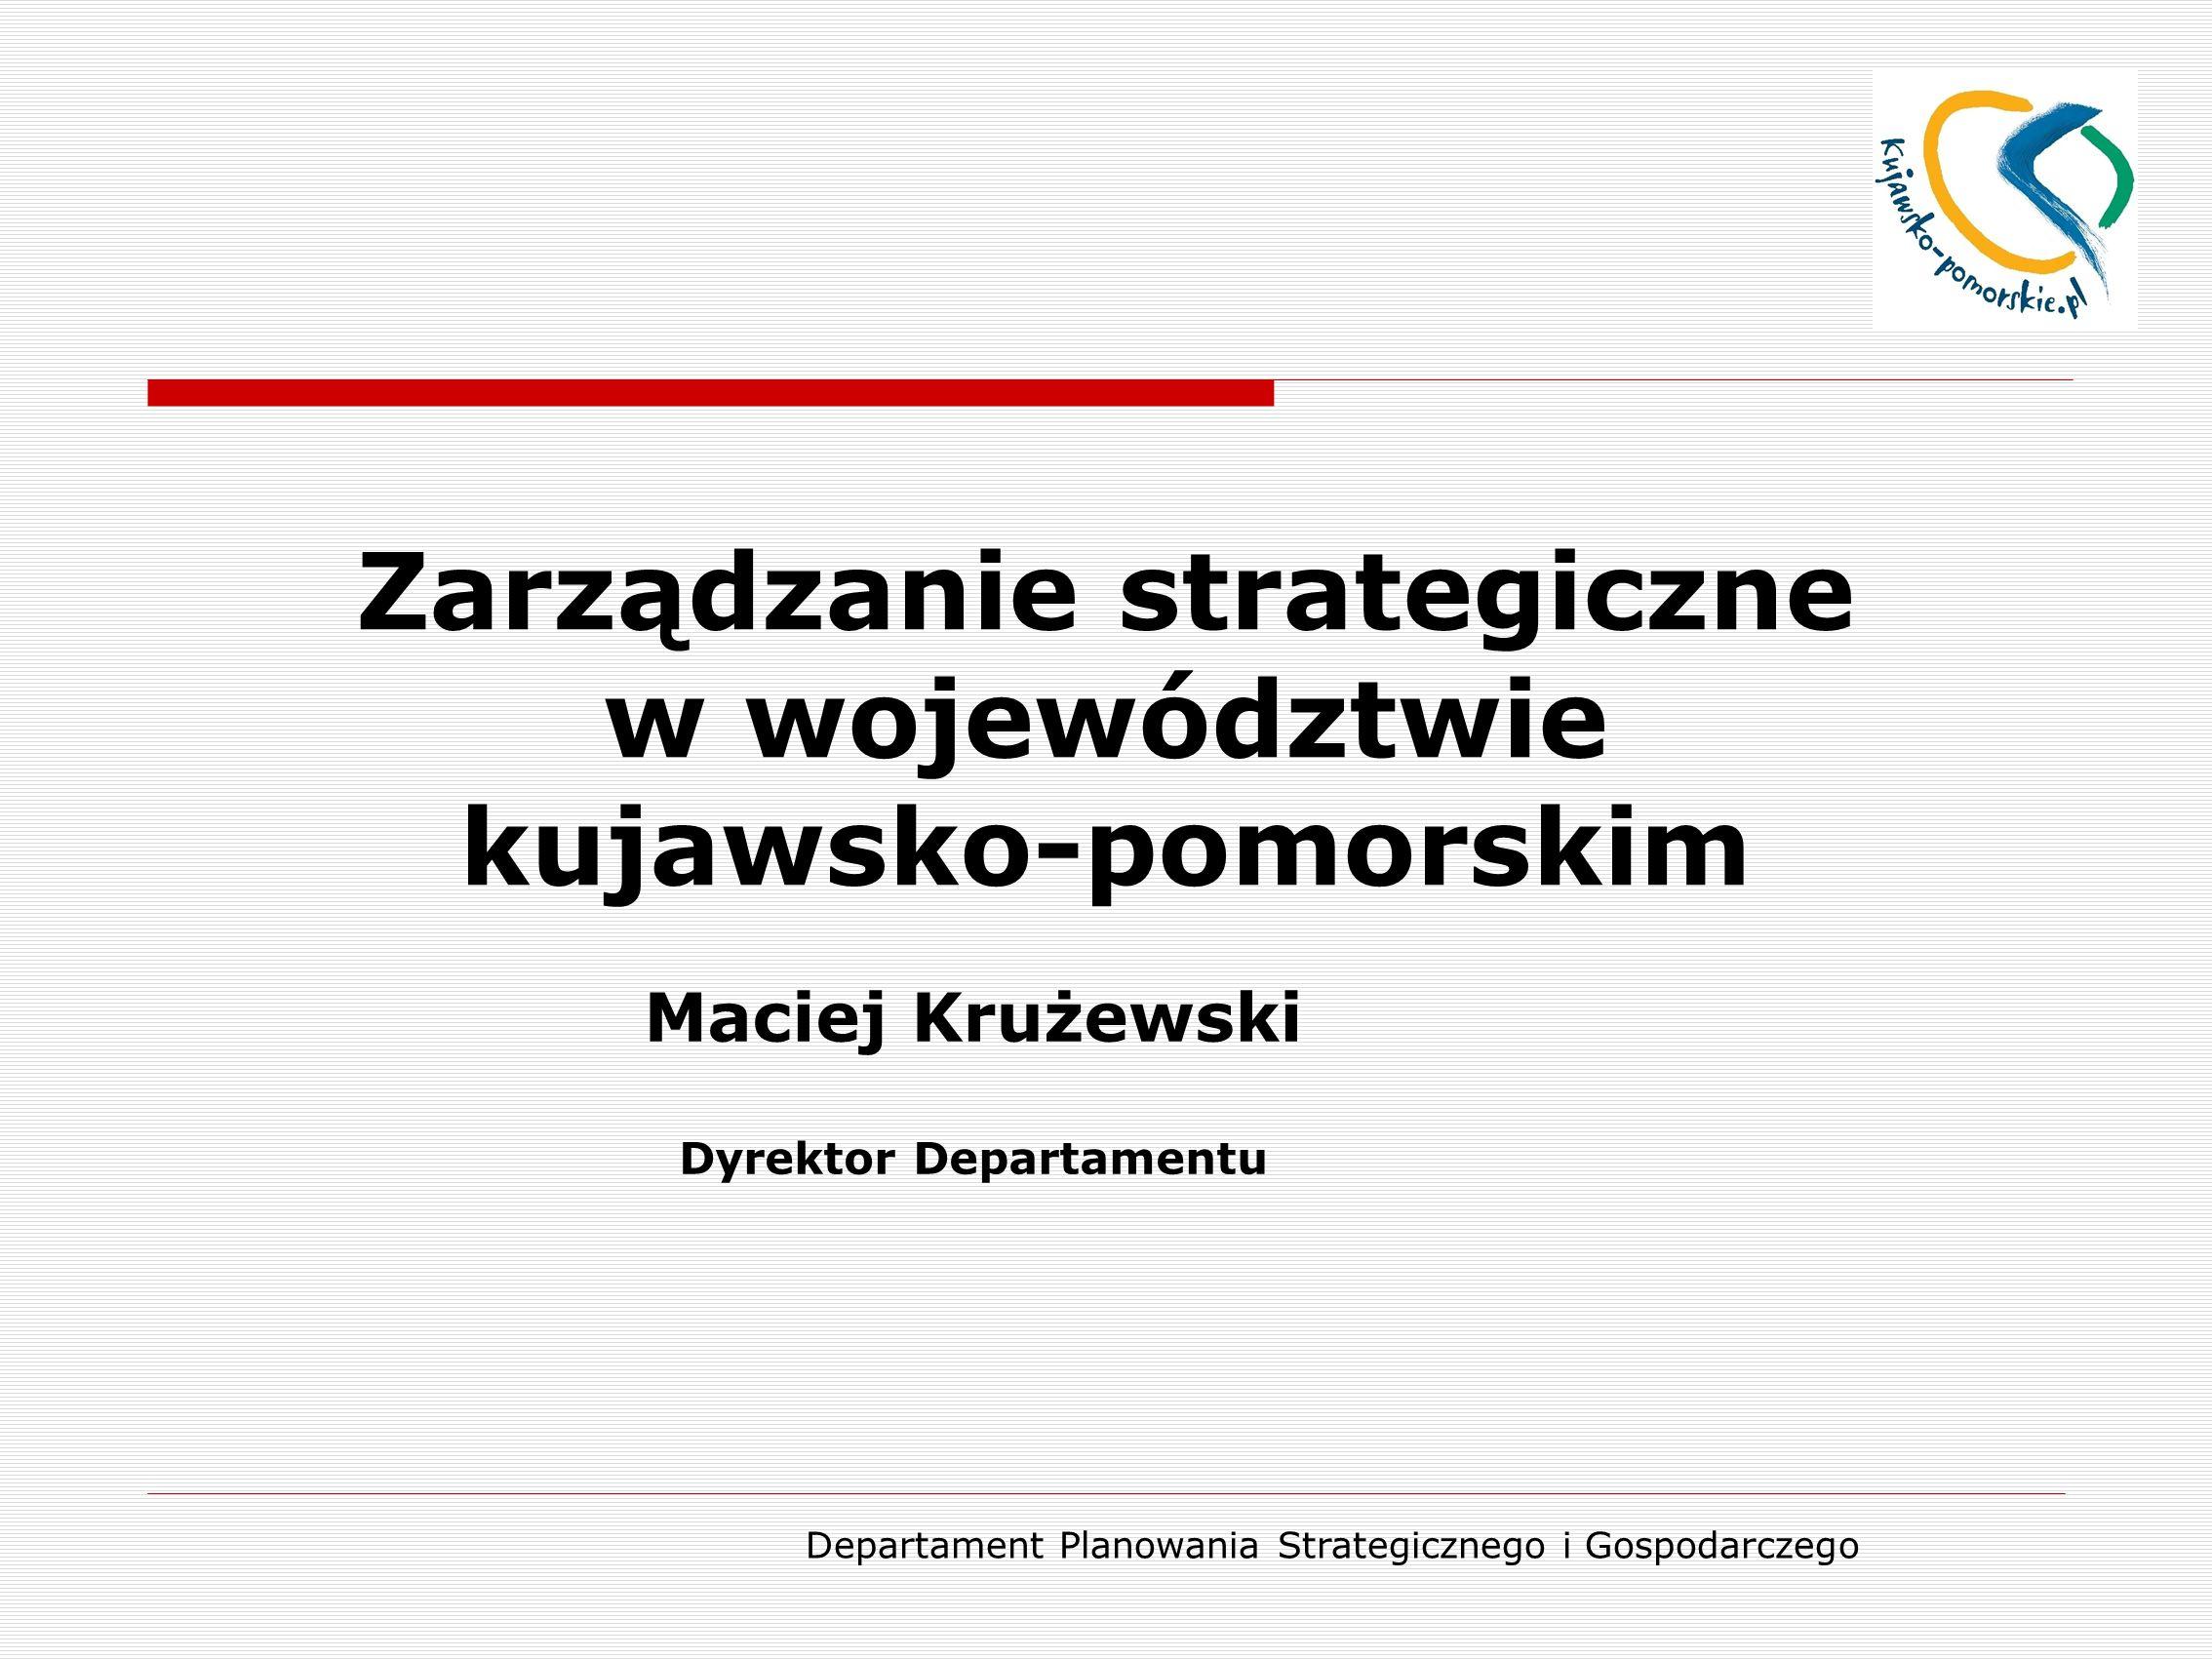 Departament Planowania Strategicznego i Gospodarczego Zarządzanie strategiczne w województwie kujawsko-pomorskim Maciej Krużewski Dyrektor Departamentu